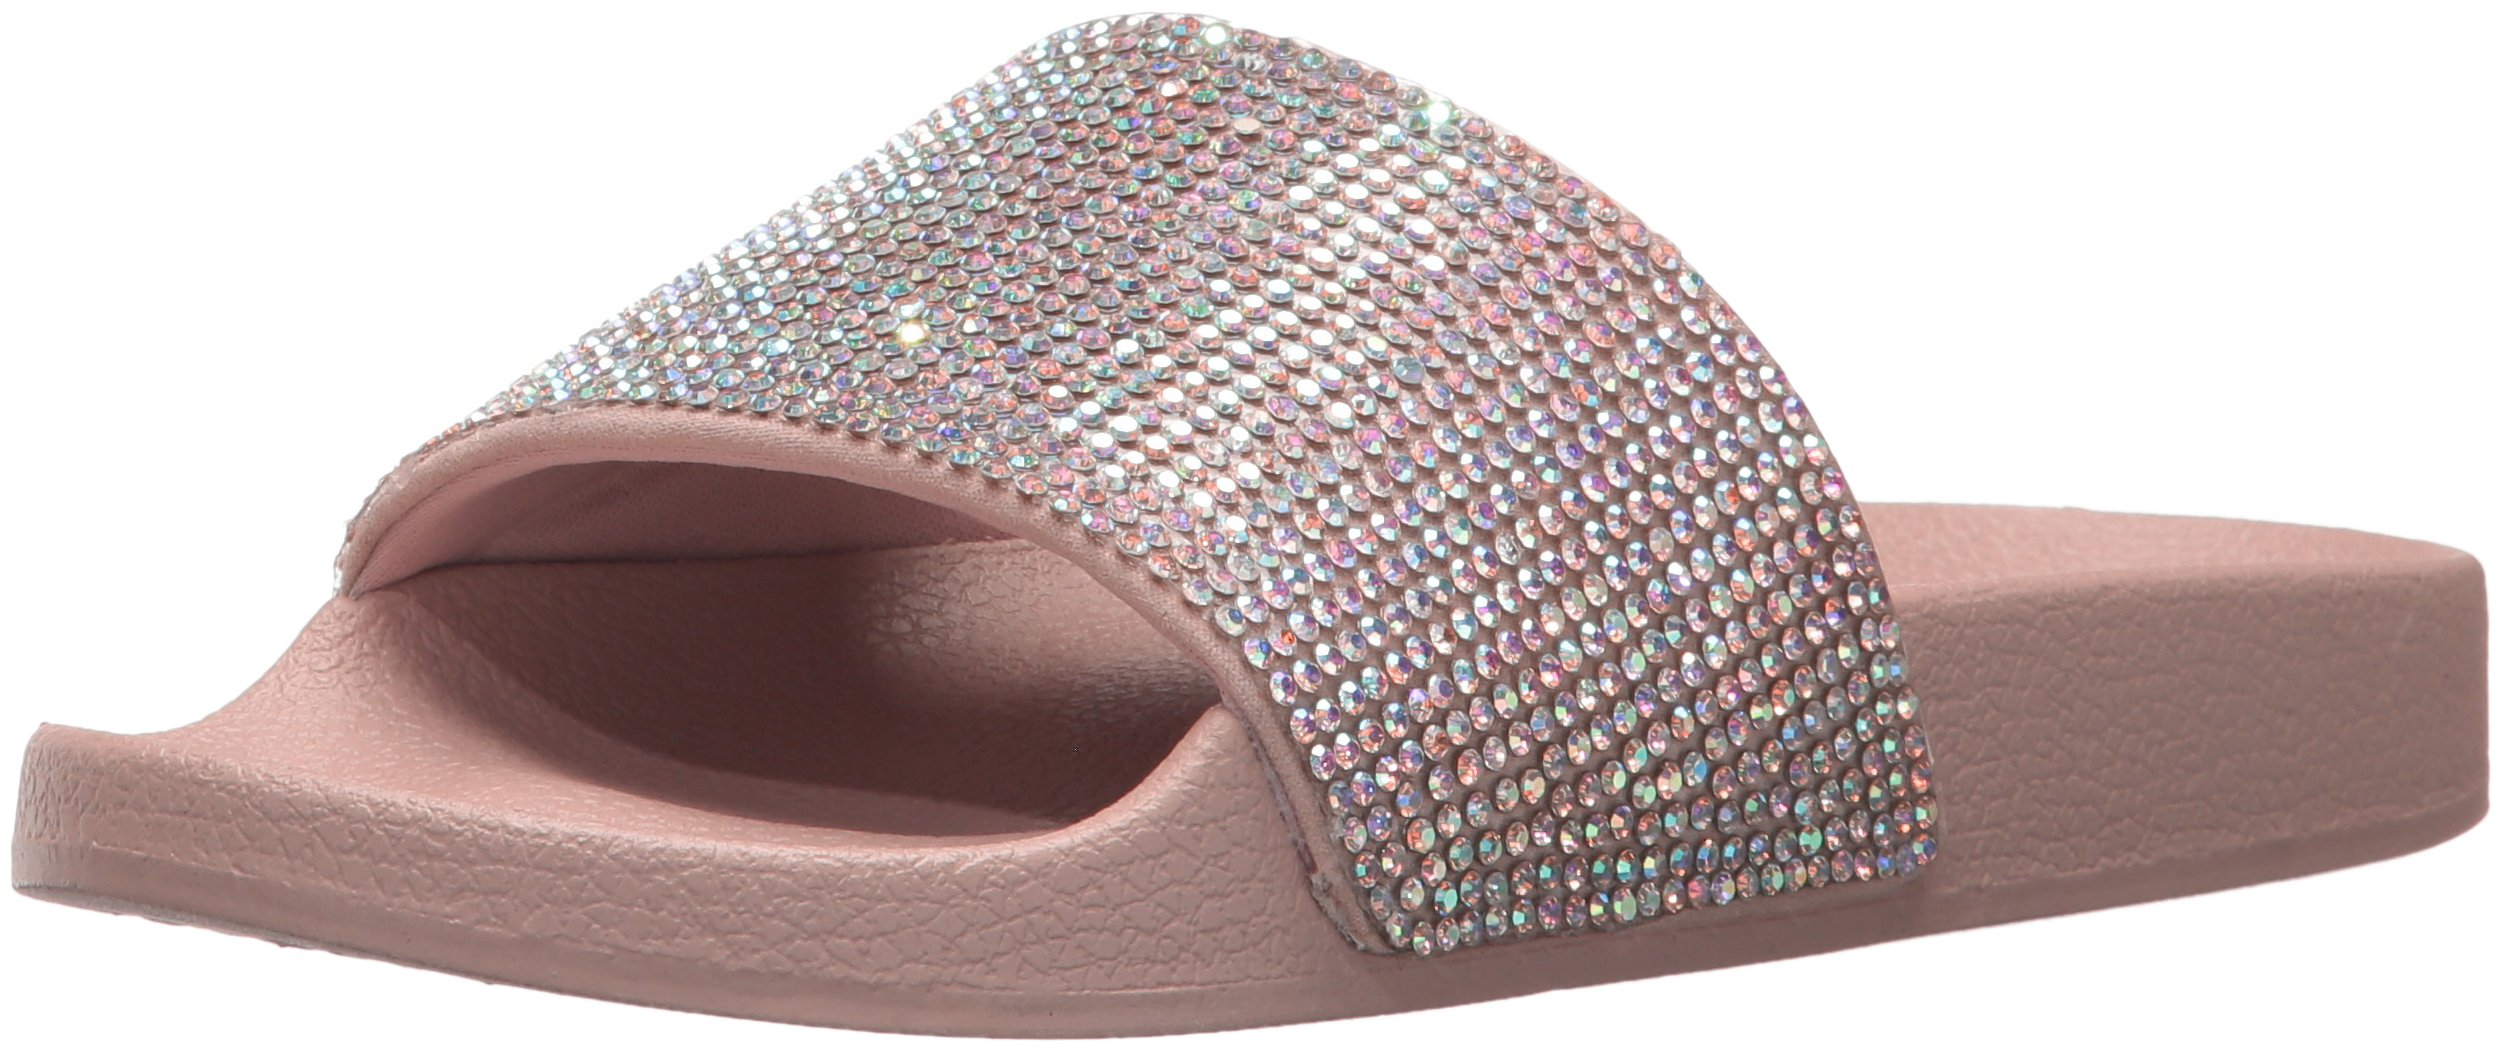 Blue by Betsey Johnson Women's SB-Dixie Slide Sandal, Blush Multi 993, 10 M US